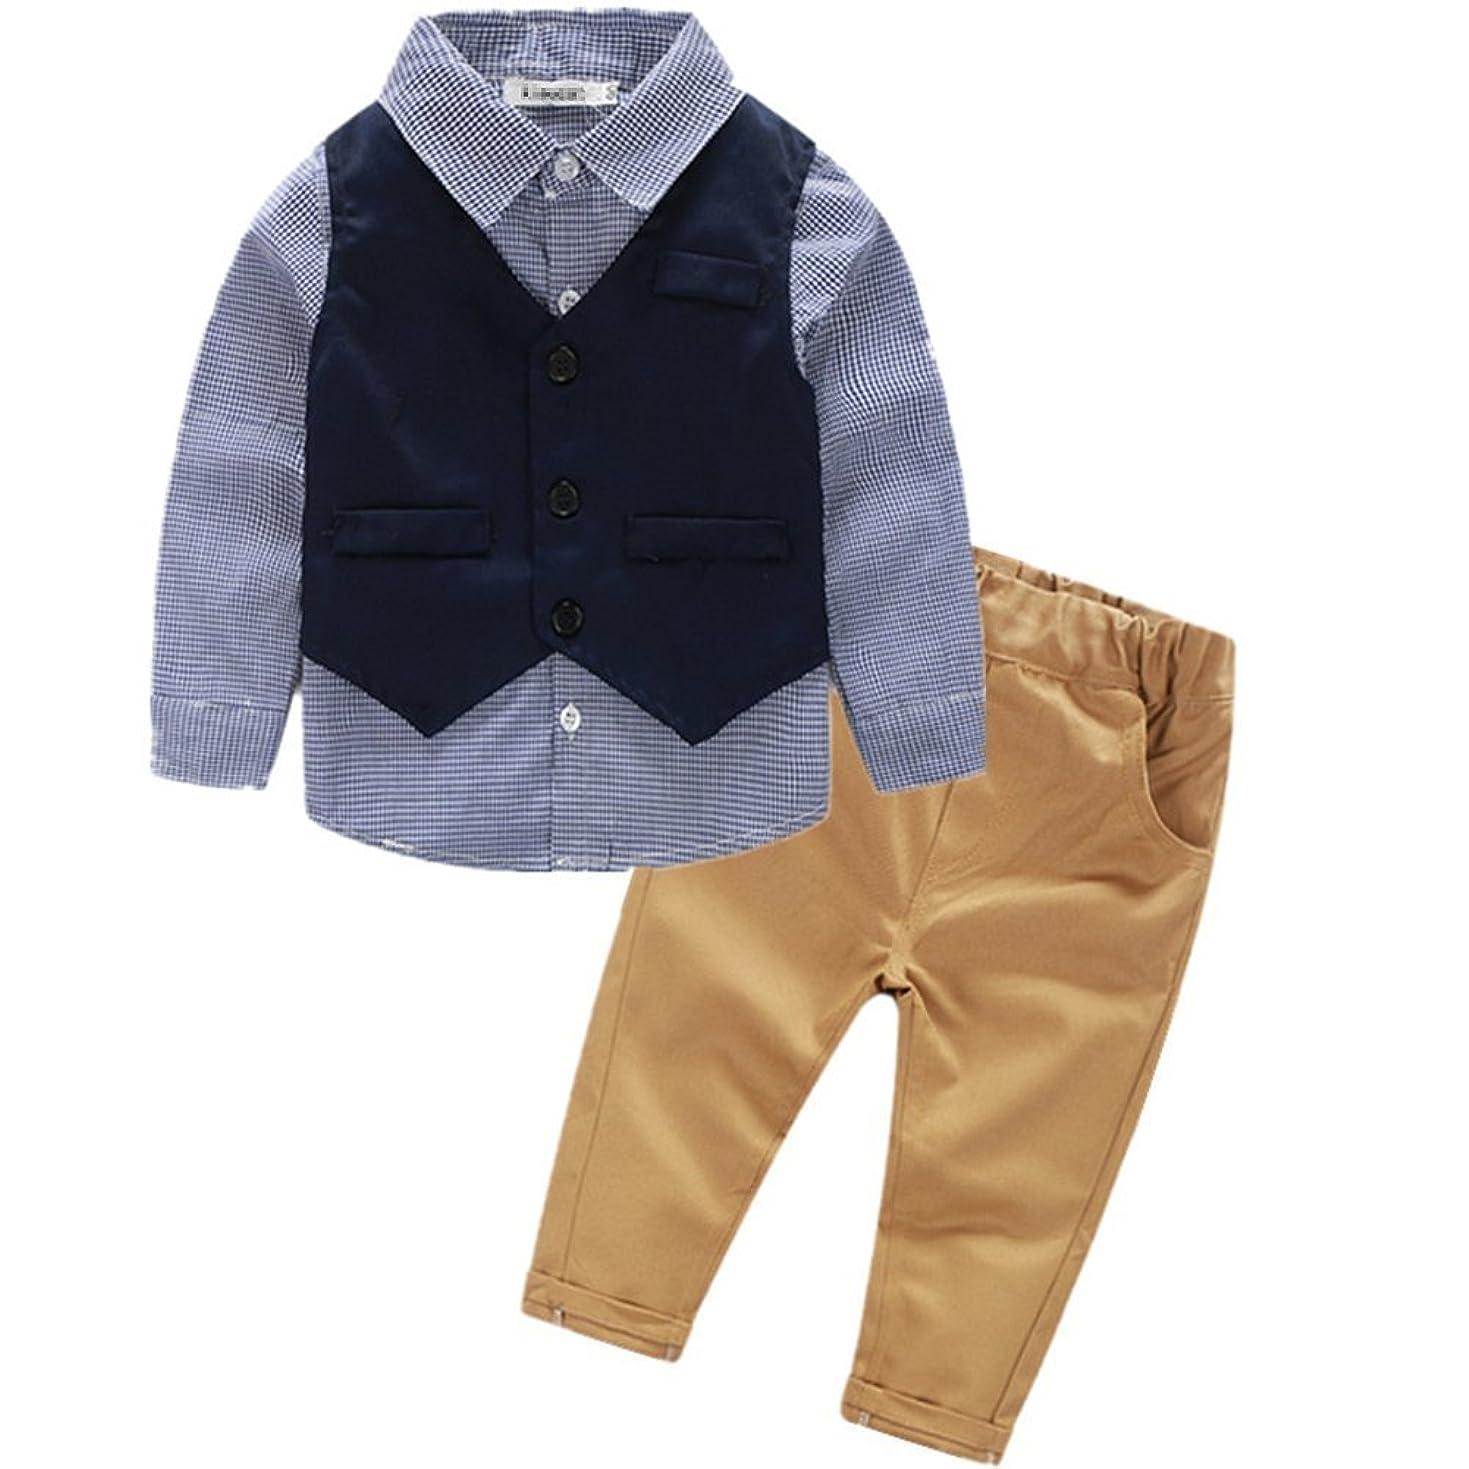 断言する分岐するアセンブリVIYOR ベビー 男の子フォーマル スーツ ベスト付き 発表会 七五三 結婚式 出産祝い 3点セット 90cm